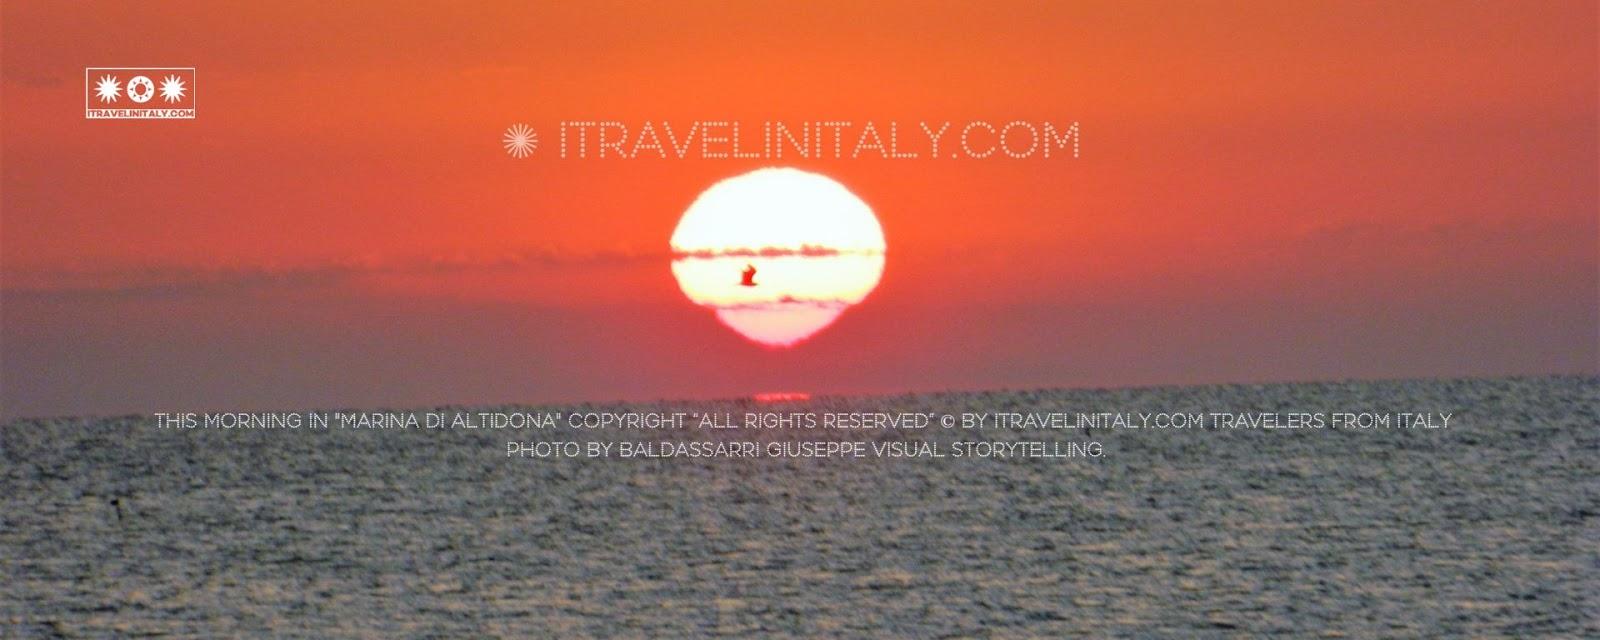 itravelinitaly.com | Travelers in Italy